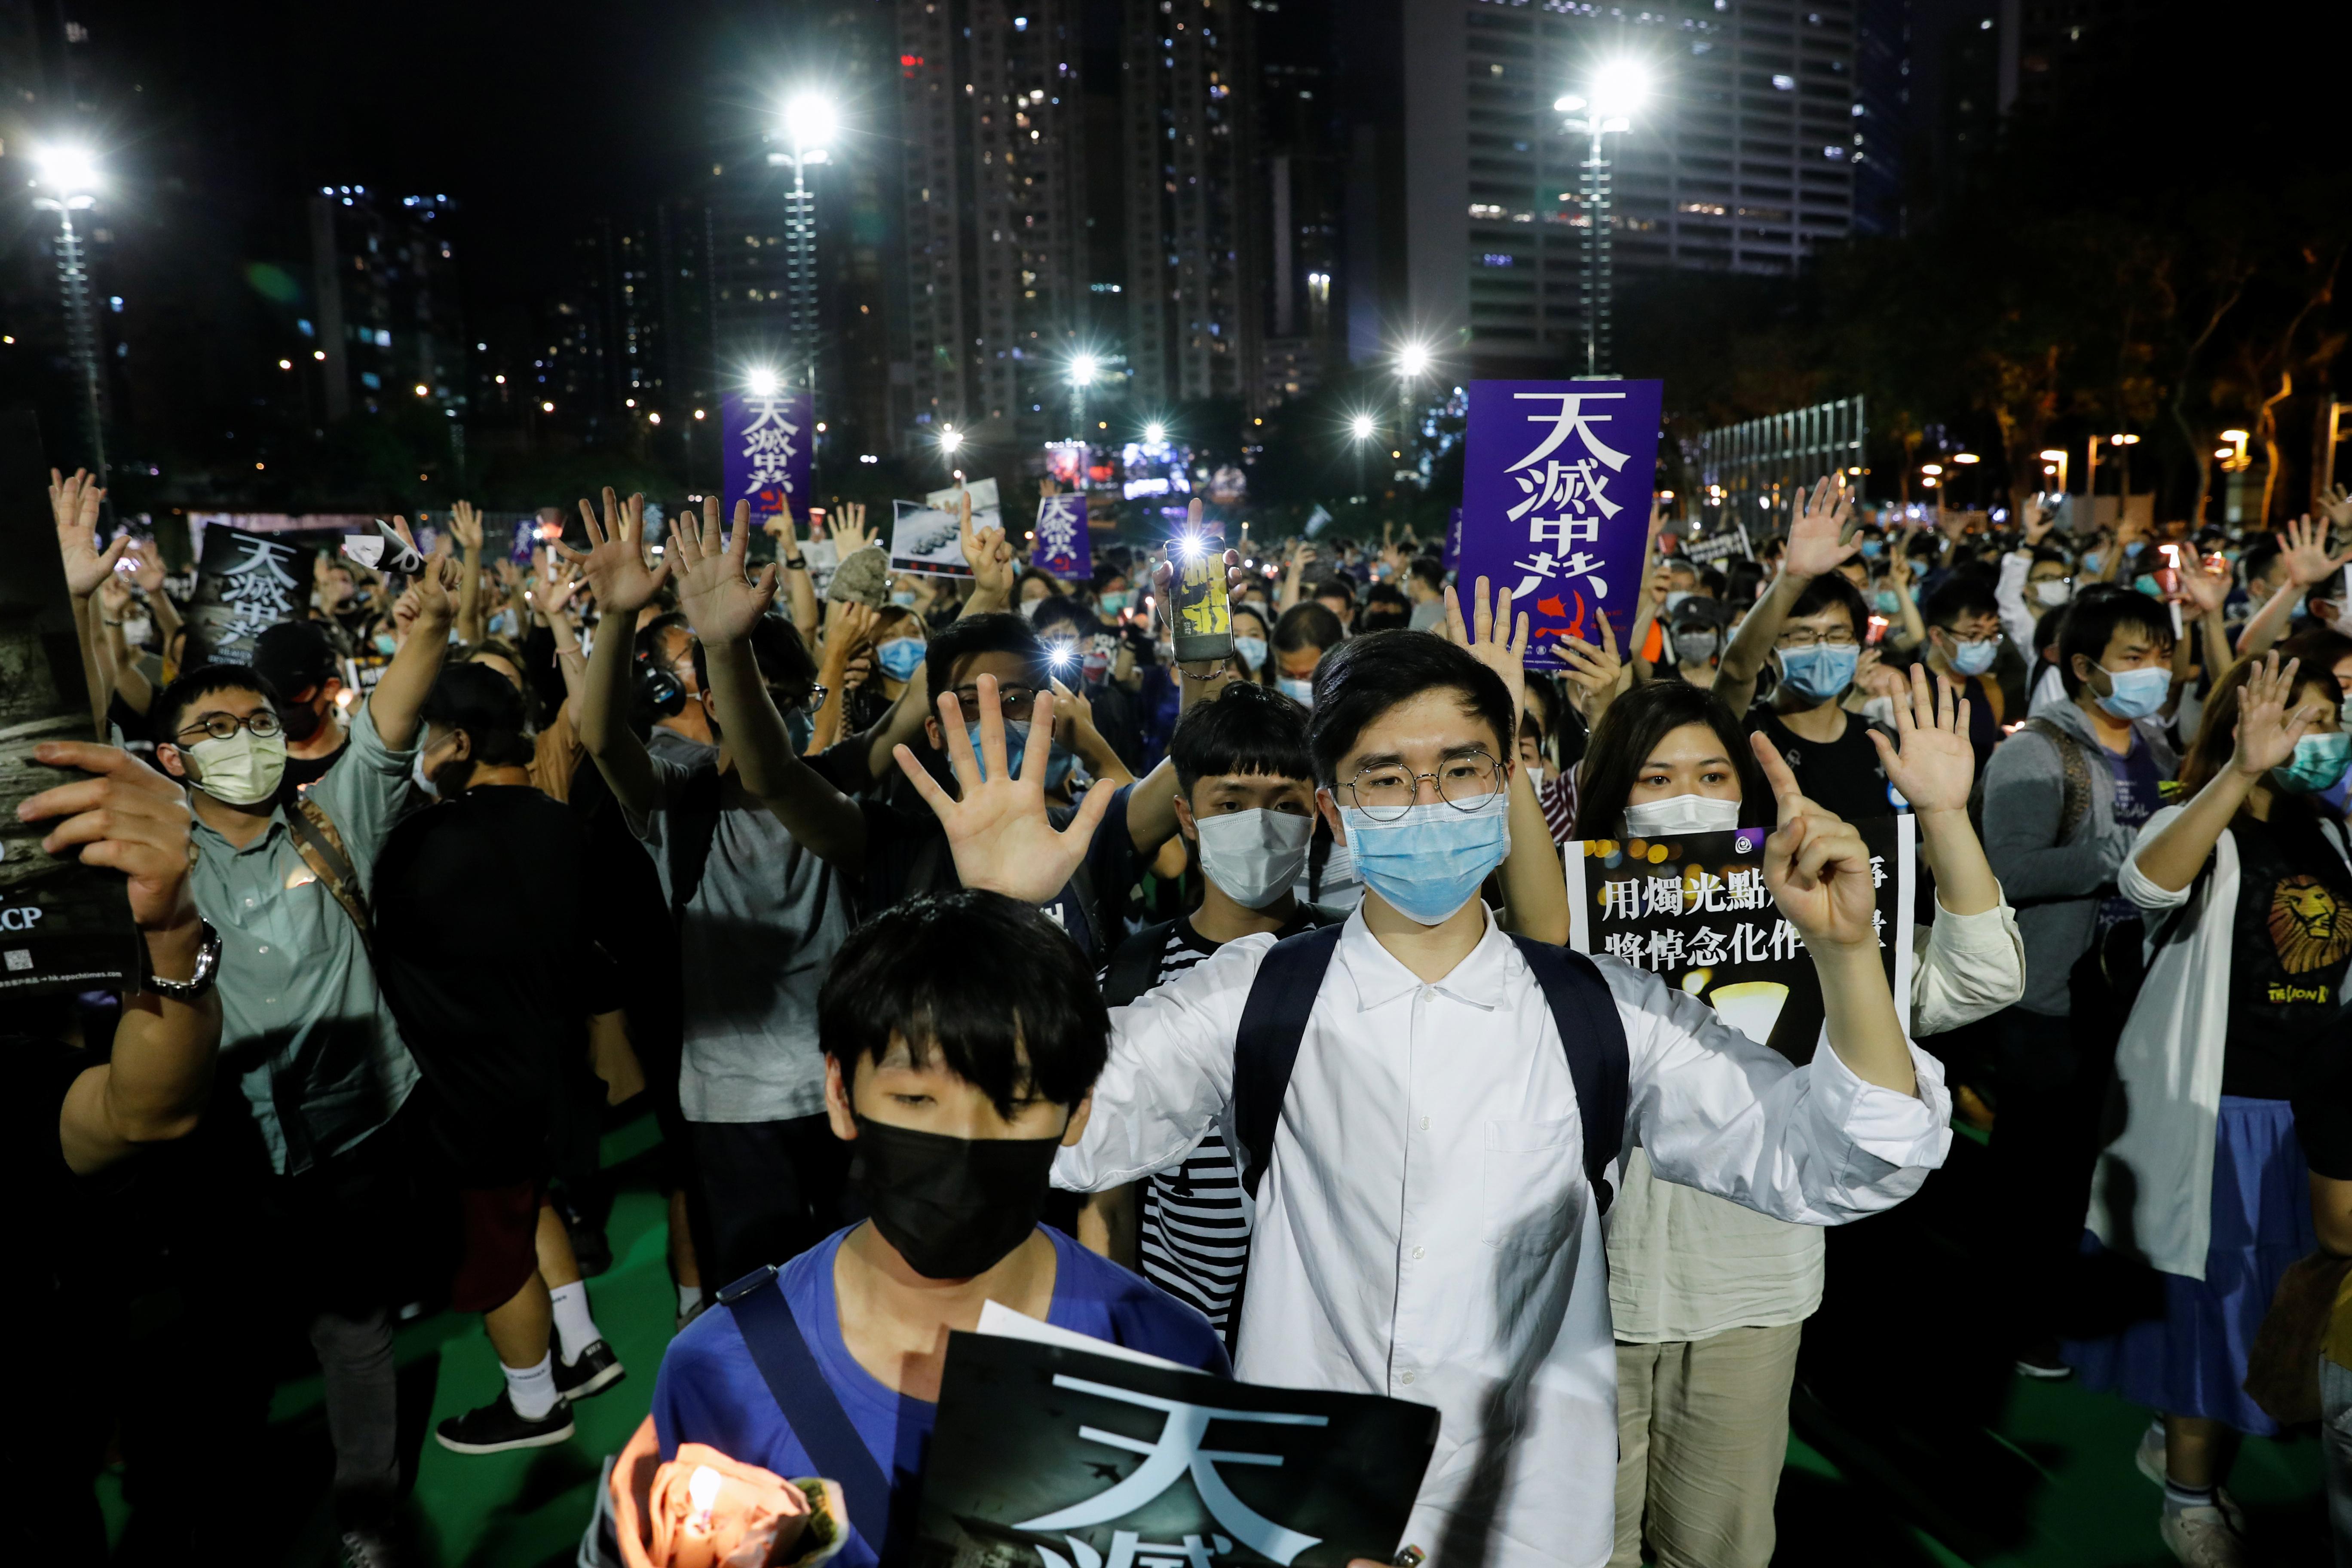 Desde 1990, Hong Kong conmemora la masacre con una multitudinaria vigilia -el año pasado reunió a 180.000 personas-, aunque este 2020 la prohibición ha llevado a los organizadores a buscar modos alternativos de recordar la fecha, como compartir imágenes de velas a través de las redes sociales (REUTERS/Tyrone Siu)